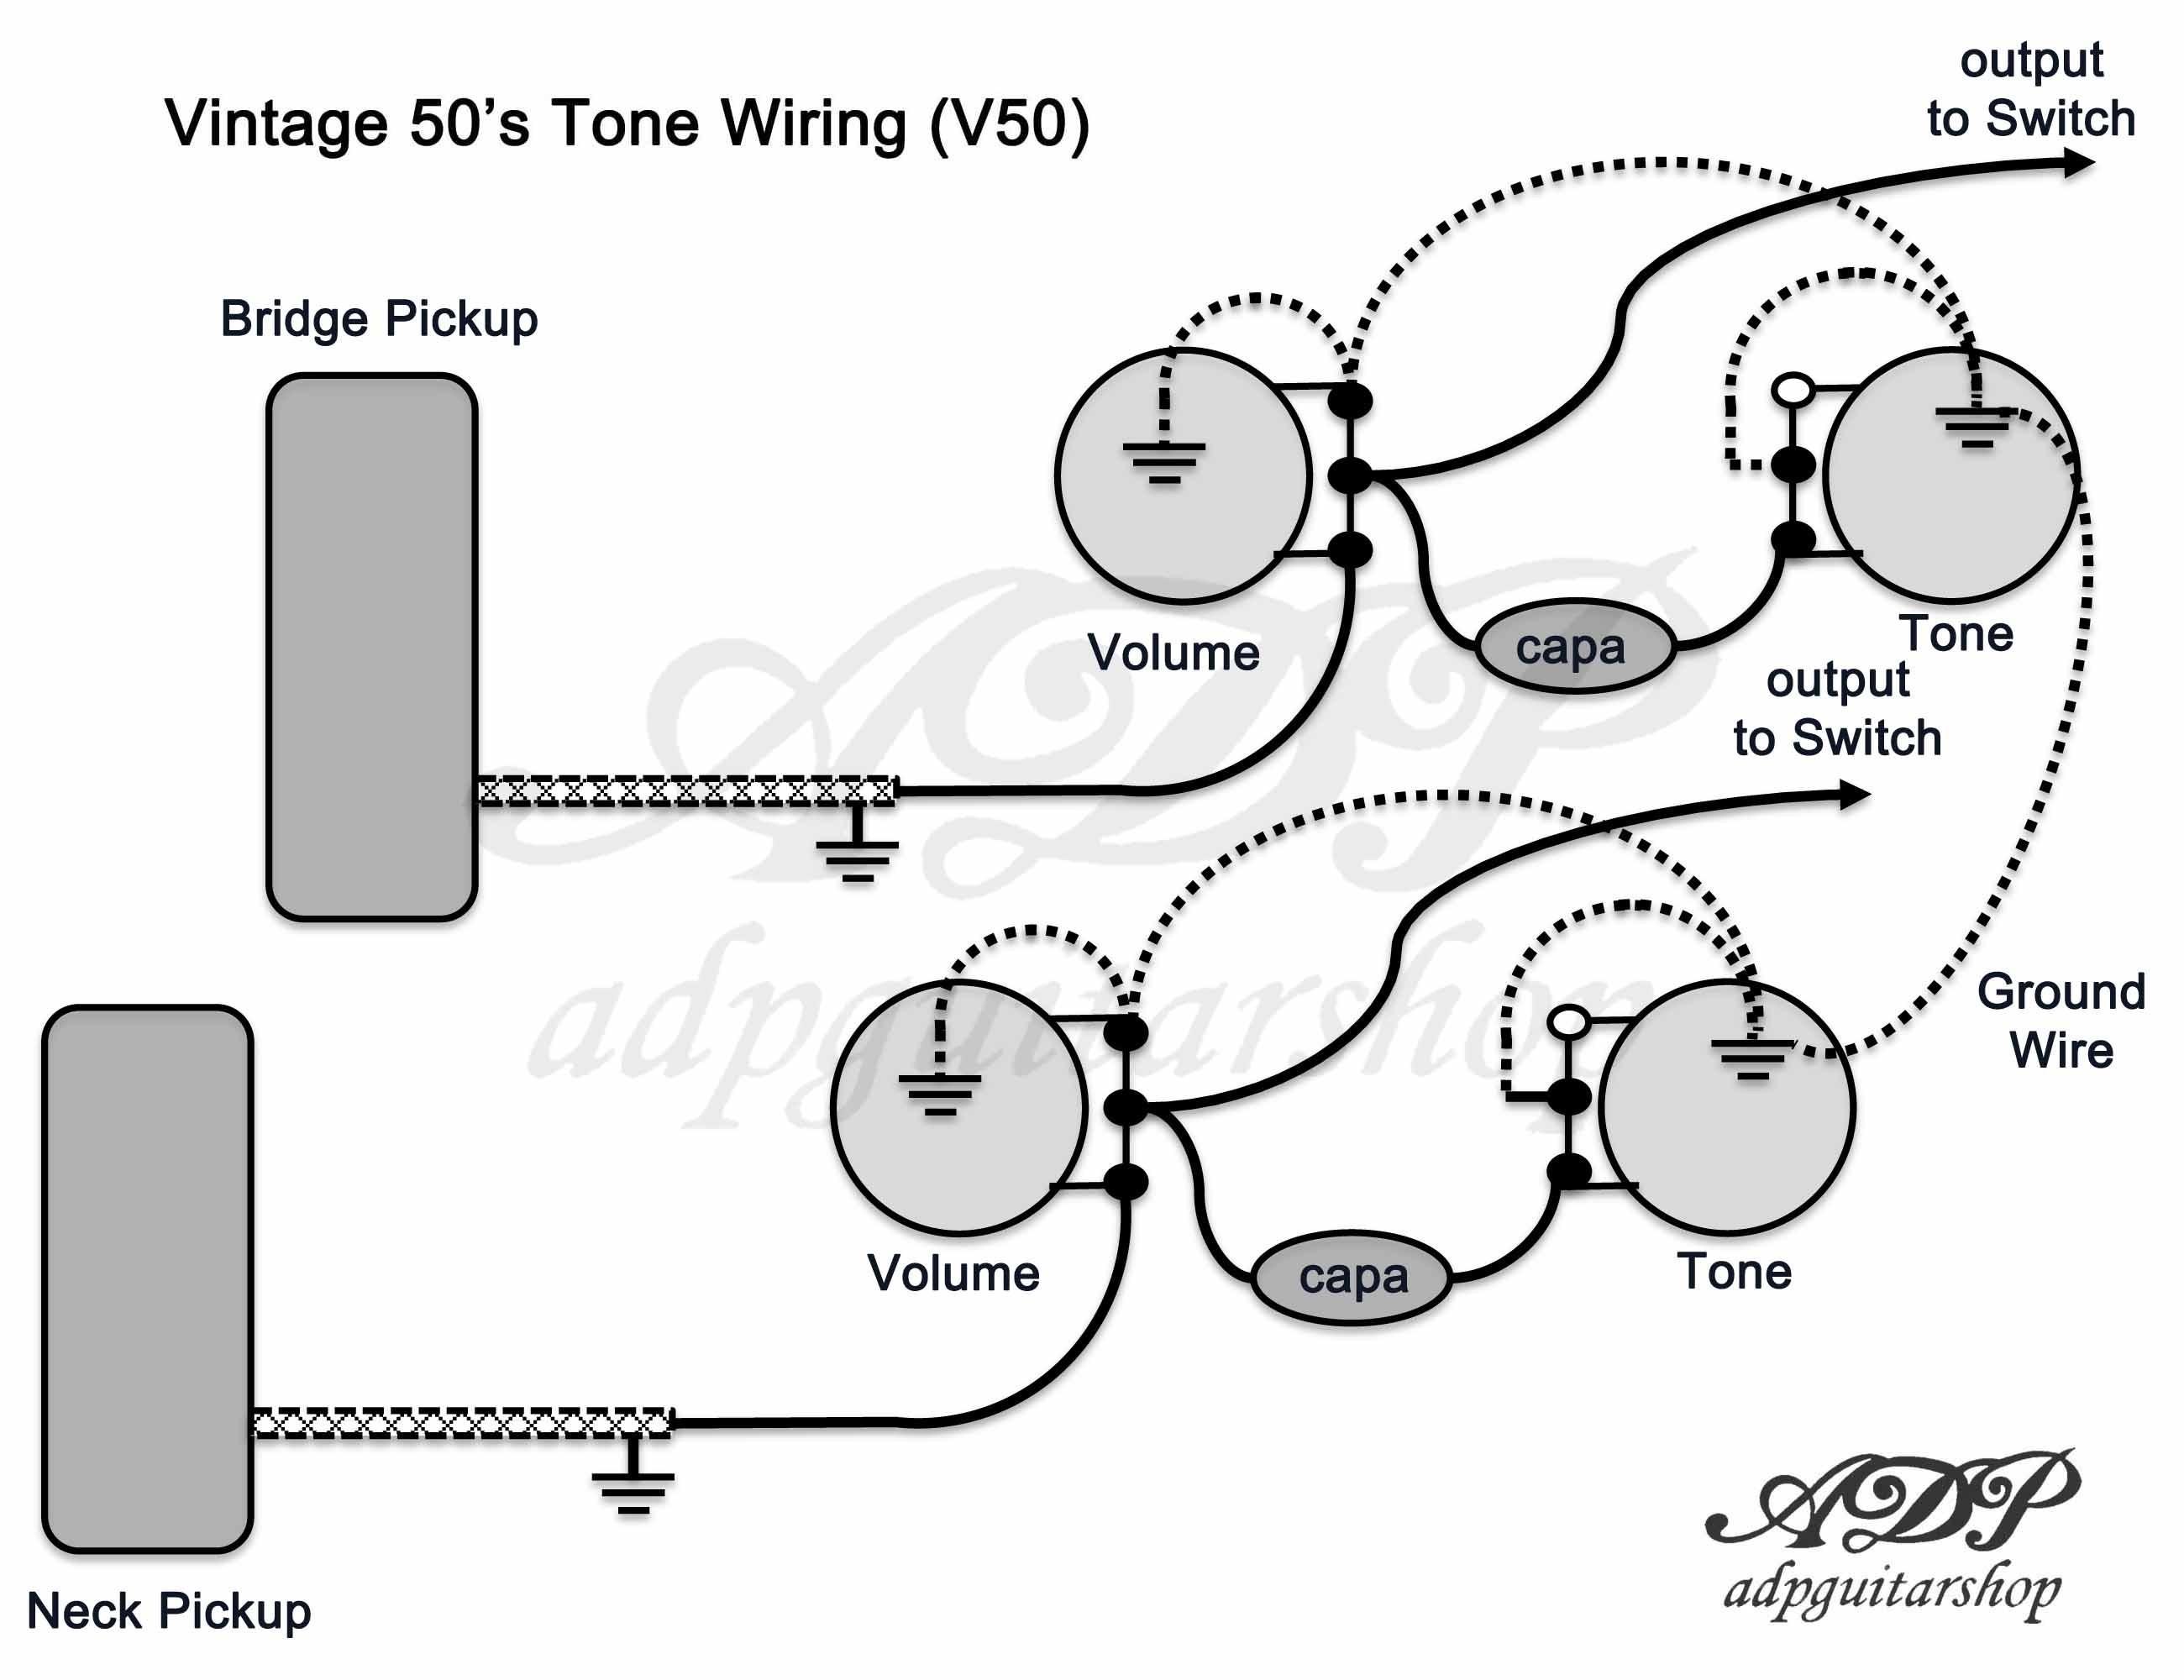 krank wiring diagram wiring diagram Circuit Diagram krank wiring diagram wiring diagramkrank wiring diagram wiring diagramgibson dirty fingers wiring diagram wiring schematic diagramgibson